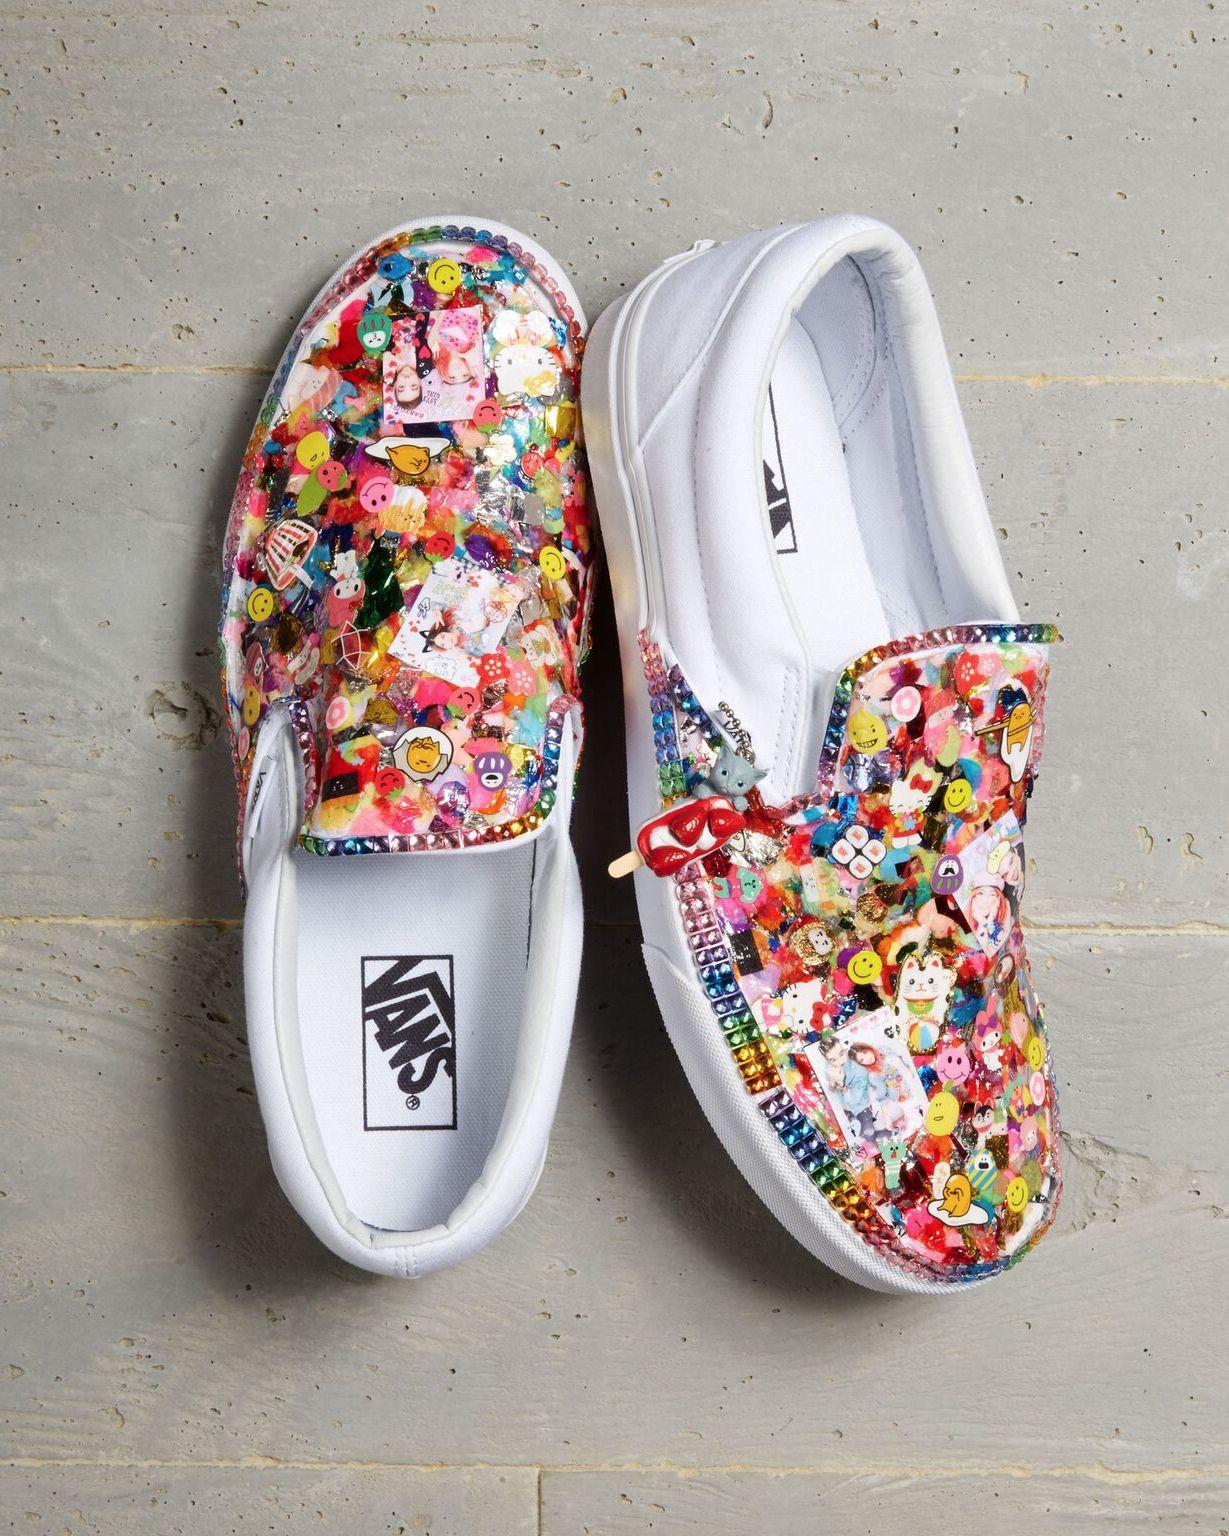 Shoes by 2018 Vans Custom Culture ambassador, Christina